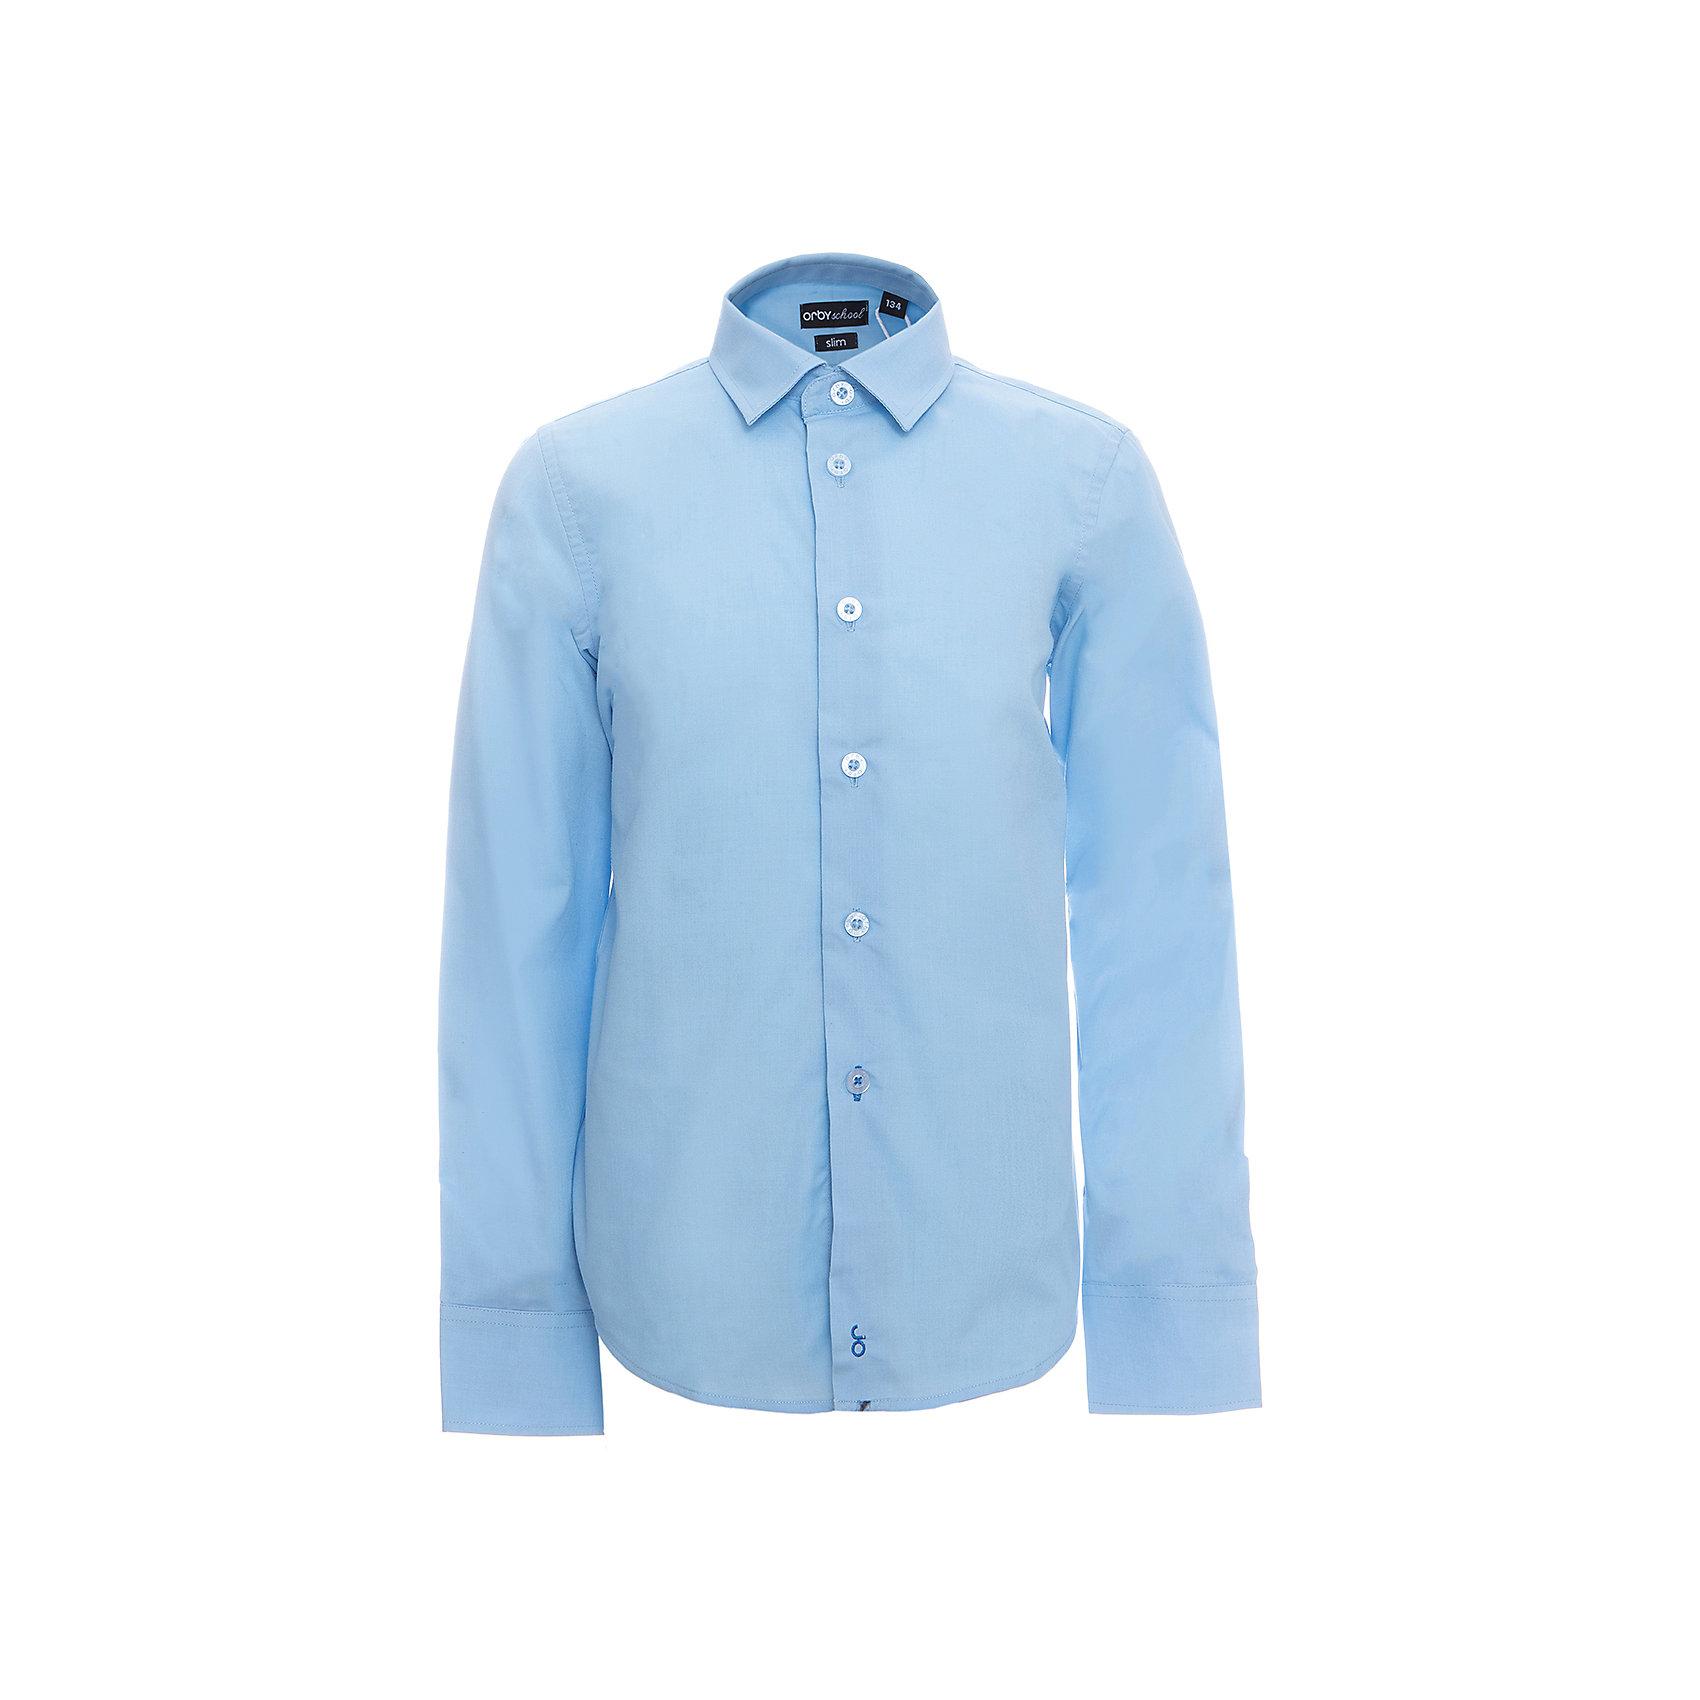 Рубашка для мальчика OrbyБлузки и рубашки<br>Характеристики товара:<br><br>• цвет: синий<br>• состав ткани: 65 % ПЭ, 35 % хлопок<br>• особенности: школьная<br>• длинные рукава<br>• застежка: пуговицы<br>• отложной воротник <br>• сезон: круглый год<br>• страна бренда: Россия<br>• страна изготовитель: Россия<br><br>Синяя рубашка для мальчика Orby - отличный способ разнообразить гардероб. Классическая рубашка поможет ребенку выглядеть стильно и чувствовать себя комфортно<br><br>Такая классическая сорочка хорошо дополнит школьную форму. Сшита из материала с добавлением натурального хлопка.<br><br>Рубашку для мальчика Orby (Орби) можно купить в нашем интернет-магазине.<br><br>Ширина мм: 174<br>Глубина мм: 10<br>Высота мм: 169<br>Вес г: 157<br>Цвет: синий<br>Возраст от месяцев: 168<br>Возраст до месяцев: 180<br>Пол: Мужской<br>Возраст: Детский<br>Размер: 170,122,128,134,140,146,152,158,164<br>SKU: 6960383